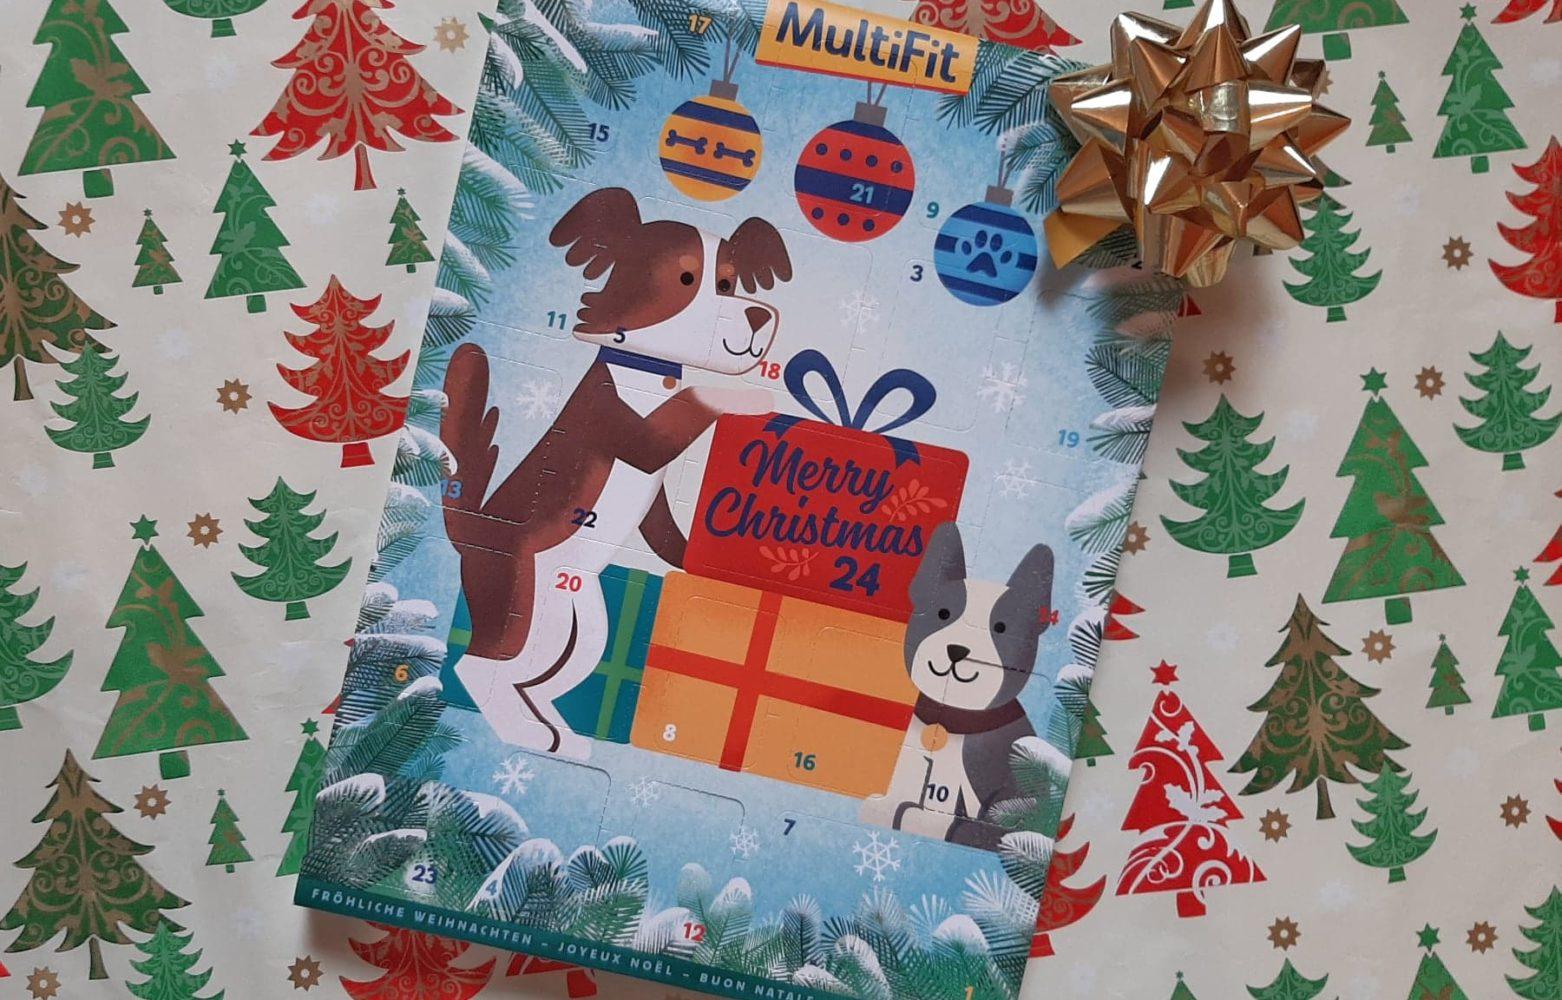 Kalendarz adwentowy dla psów od Multifit – recenzja